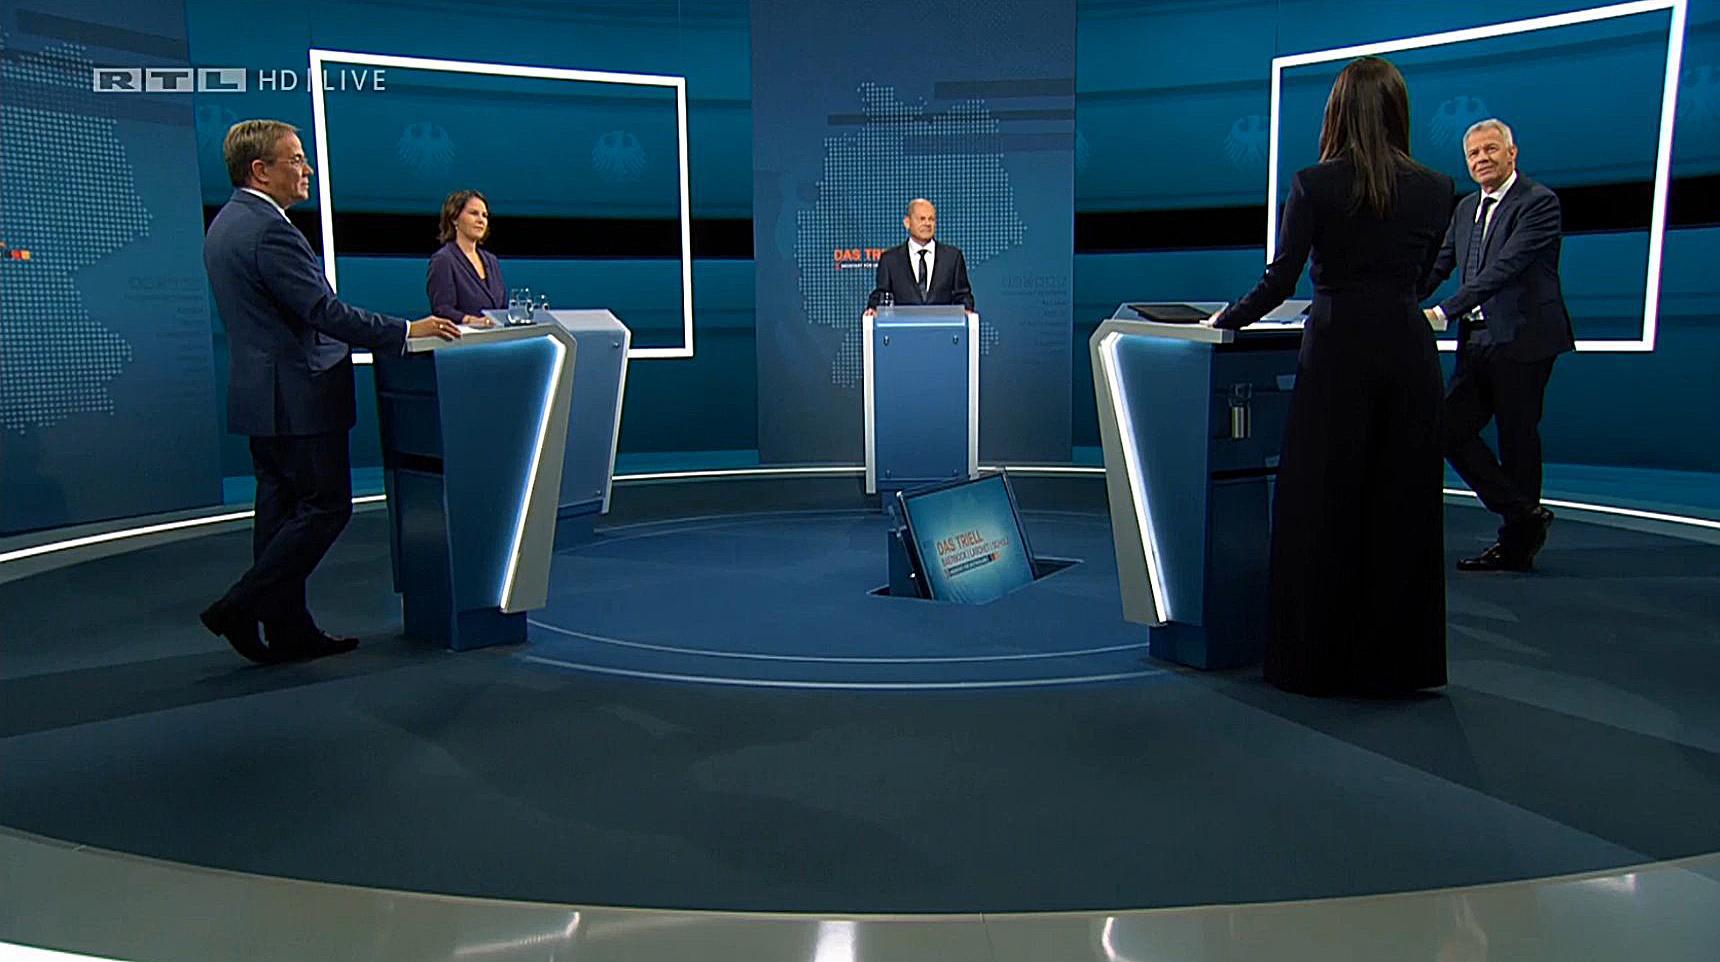 Kanzlerkandidaten zeigen sich im TV-Triell kämpferisch Bundestagswahl